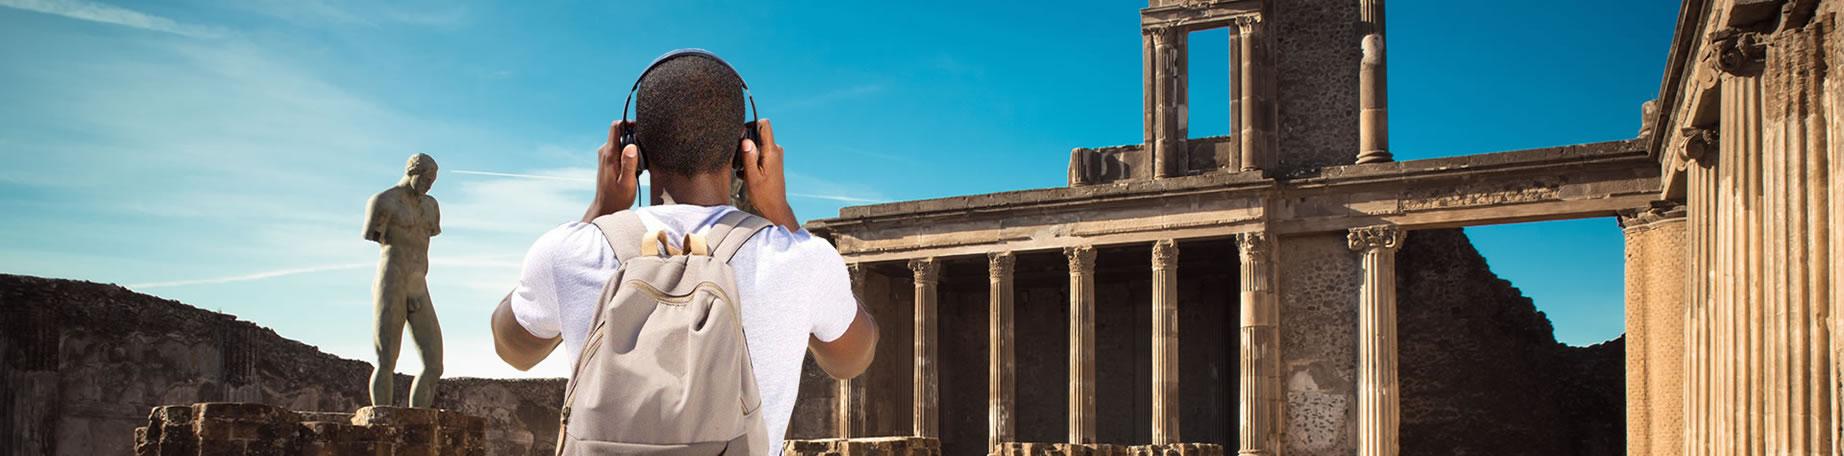 Vivi al meglio la tua esperienza di visita del sito argheologico di Pompei